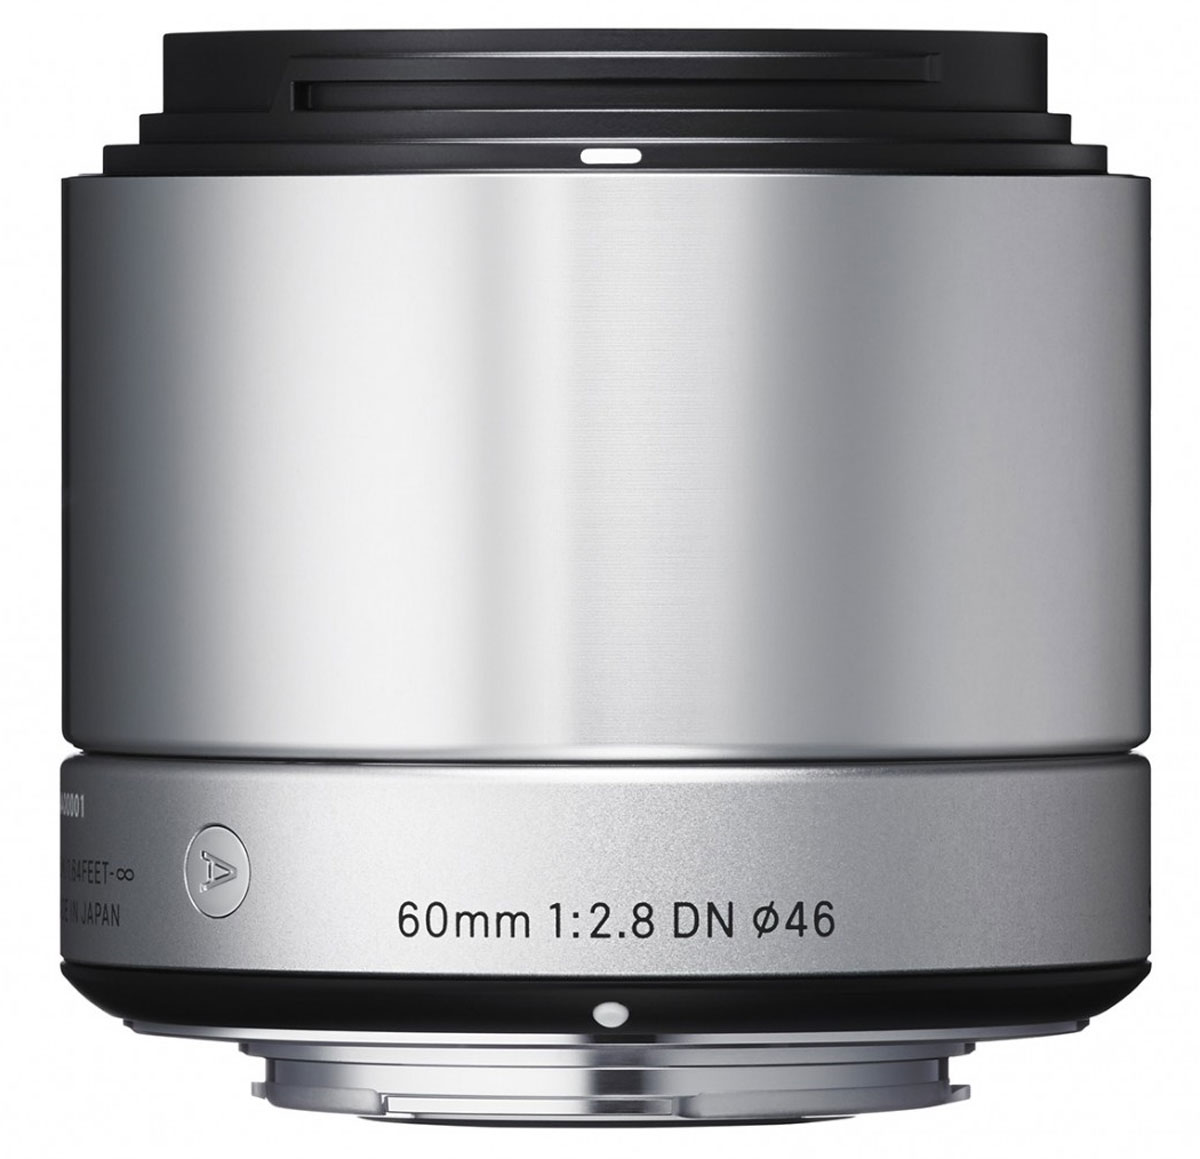 Sigma AF 60mm f/2.8 DN/A, Silver объектив для Sony E (NEX)35S965Объектив Sigma AF 60mm f/2.8 DN/A создан с применением передовых оптических технологий - легкий и компактный, с небольшой глубиной резкости - позволяет фотографу эффектно выделять отдельные части объекта съемки.Фокусное расстояние в эквиваленте равно 120 мм для Micro Four/Third и 90 мм для Sony E. Объектив создает изображения с натуральной перспективой и небольшой глубиной резкости, что вкупе с приятным боке делает снимки особо выразительными. Кроме этого, значительно улучшена функциональность. Простая форма кольца фокусировки, различие текстур каждой части, использование металла как основного материала и цельный корпус - все это составляющие дизайна Sigma AF 60mm f/2.8 DN/A.В конструкции объектива применяется самое современное сверхнизнодисперсное оптическое стекло (SLD), а также литые асферические элементы, что гарантирует превосходное исправление искажений и других видов аберрации. Закругленная 7-лепестковая диафрагма создает привлекательное размытие изображения, находящегося не в фокусе. Современная телецентрическая оптическая схема объектива обеспечивает отличное качество изображения по всему полю кадра. Объектив имеет линейный двигатель AF, который перемещает линзу без необходимости использования дополнительных механических частей. Эта система обеспечивает быструю и бесшумную автофокусировку, что позволяет использовать данную модель как для записи видео, так и для съемки фотографий.